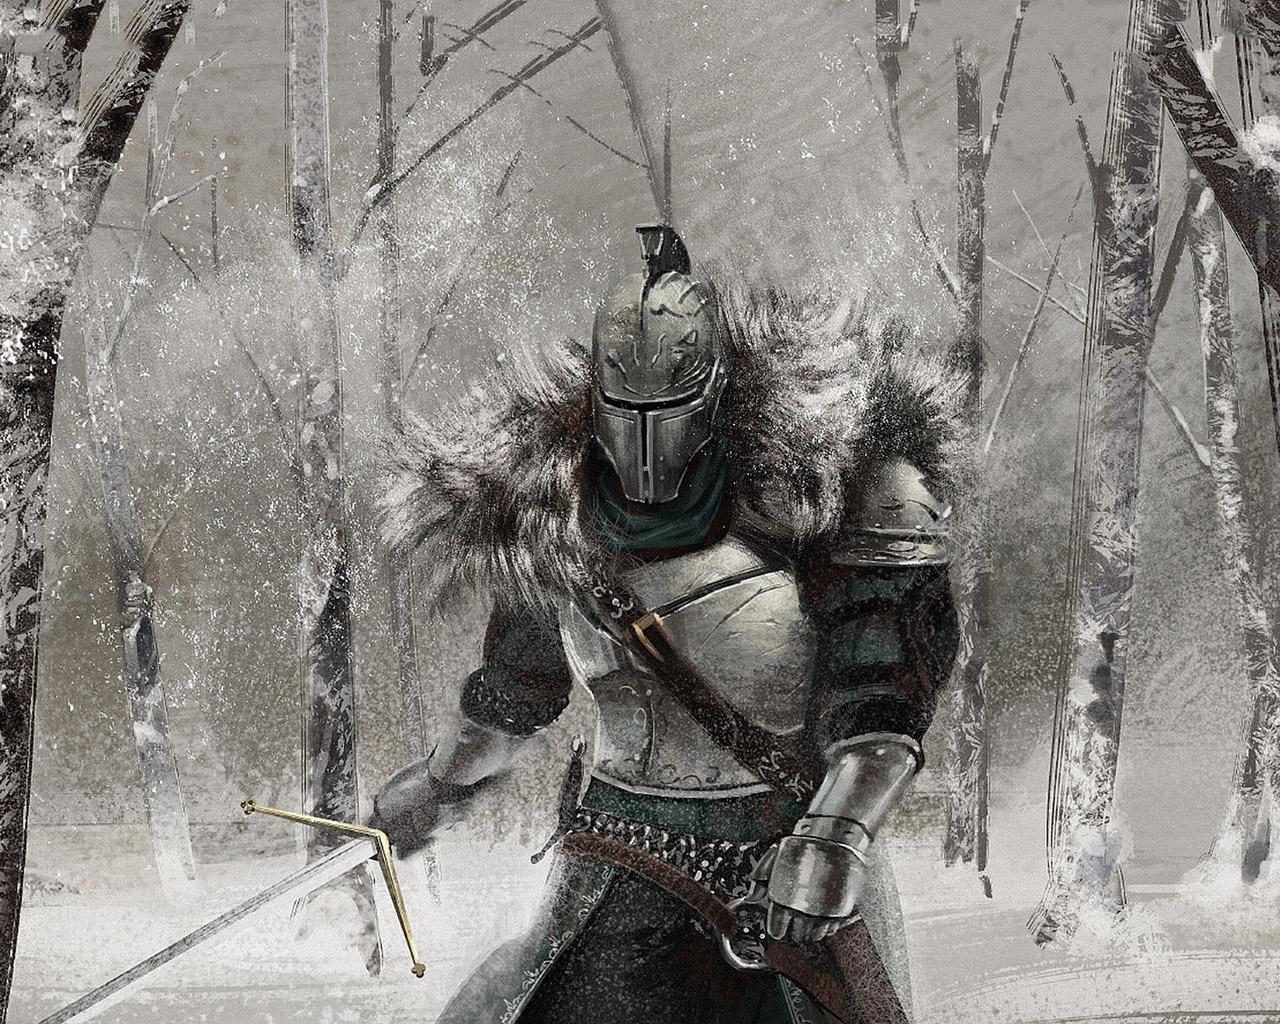 Dark Souls II Wallpaper in 1280x1024